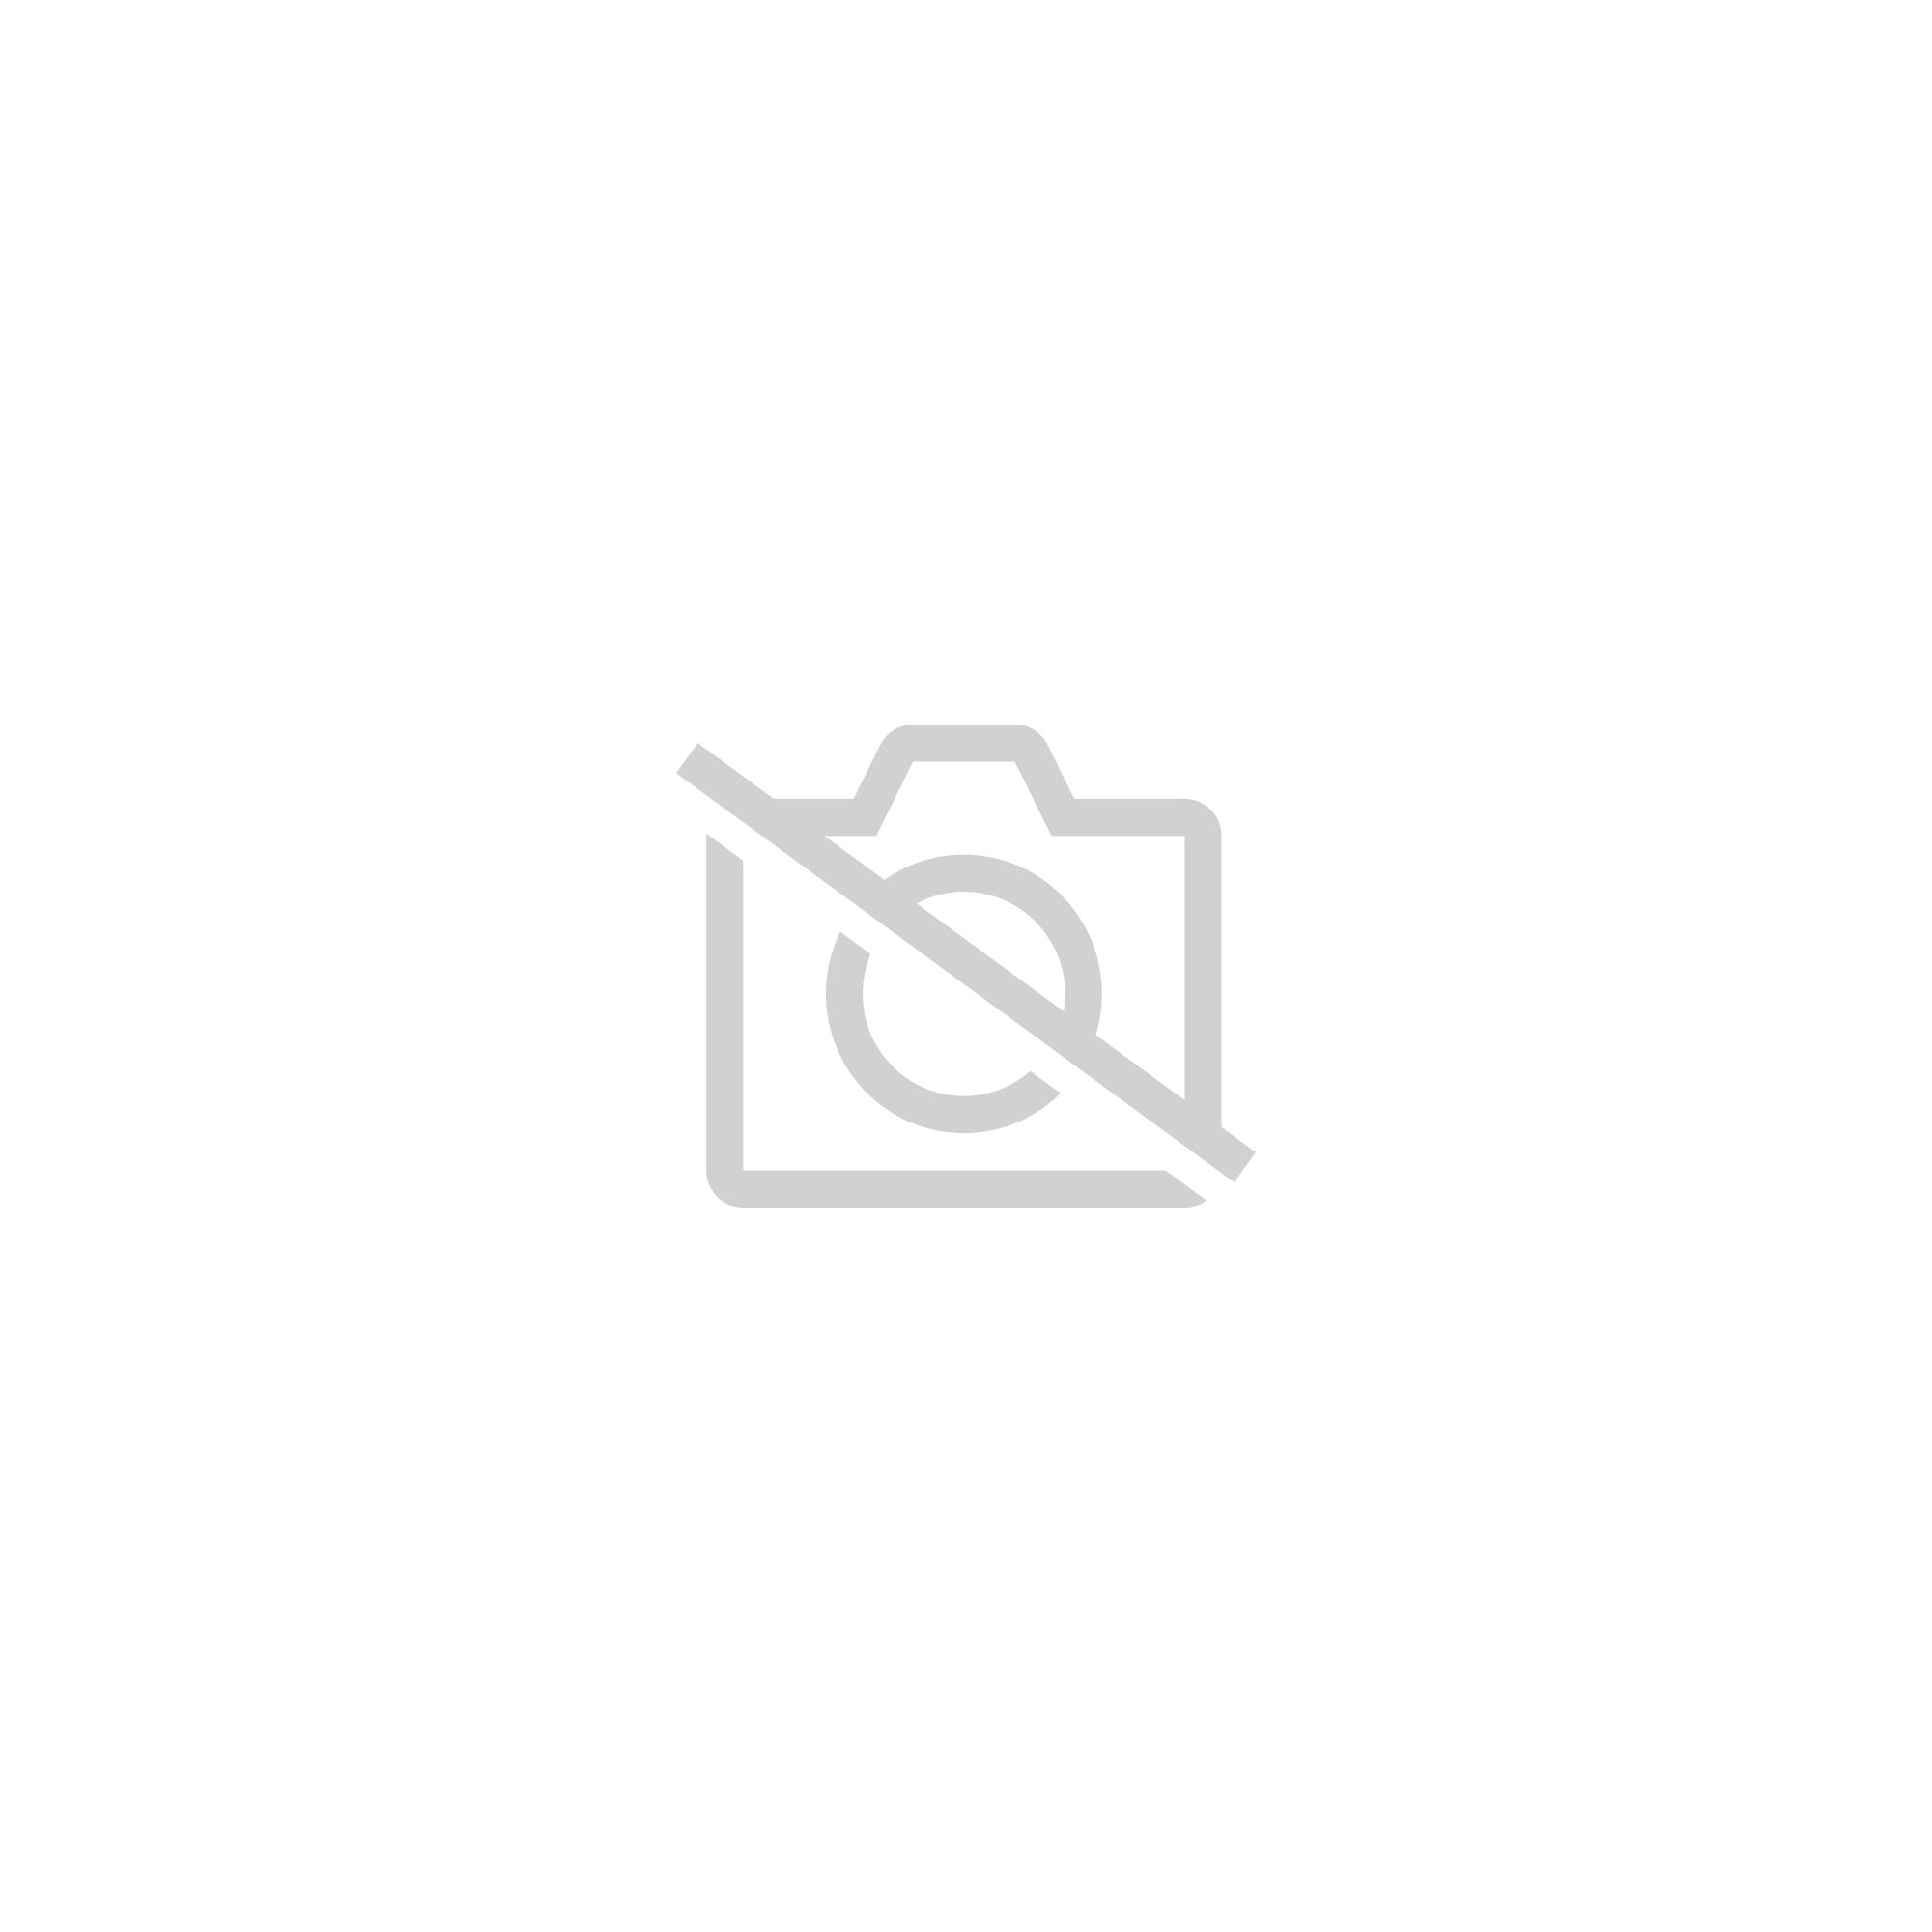 PLUS DE BOI BUMBA : WDM 389